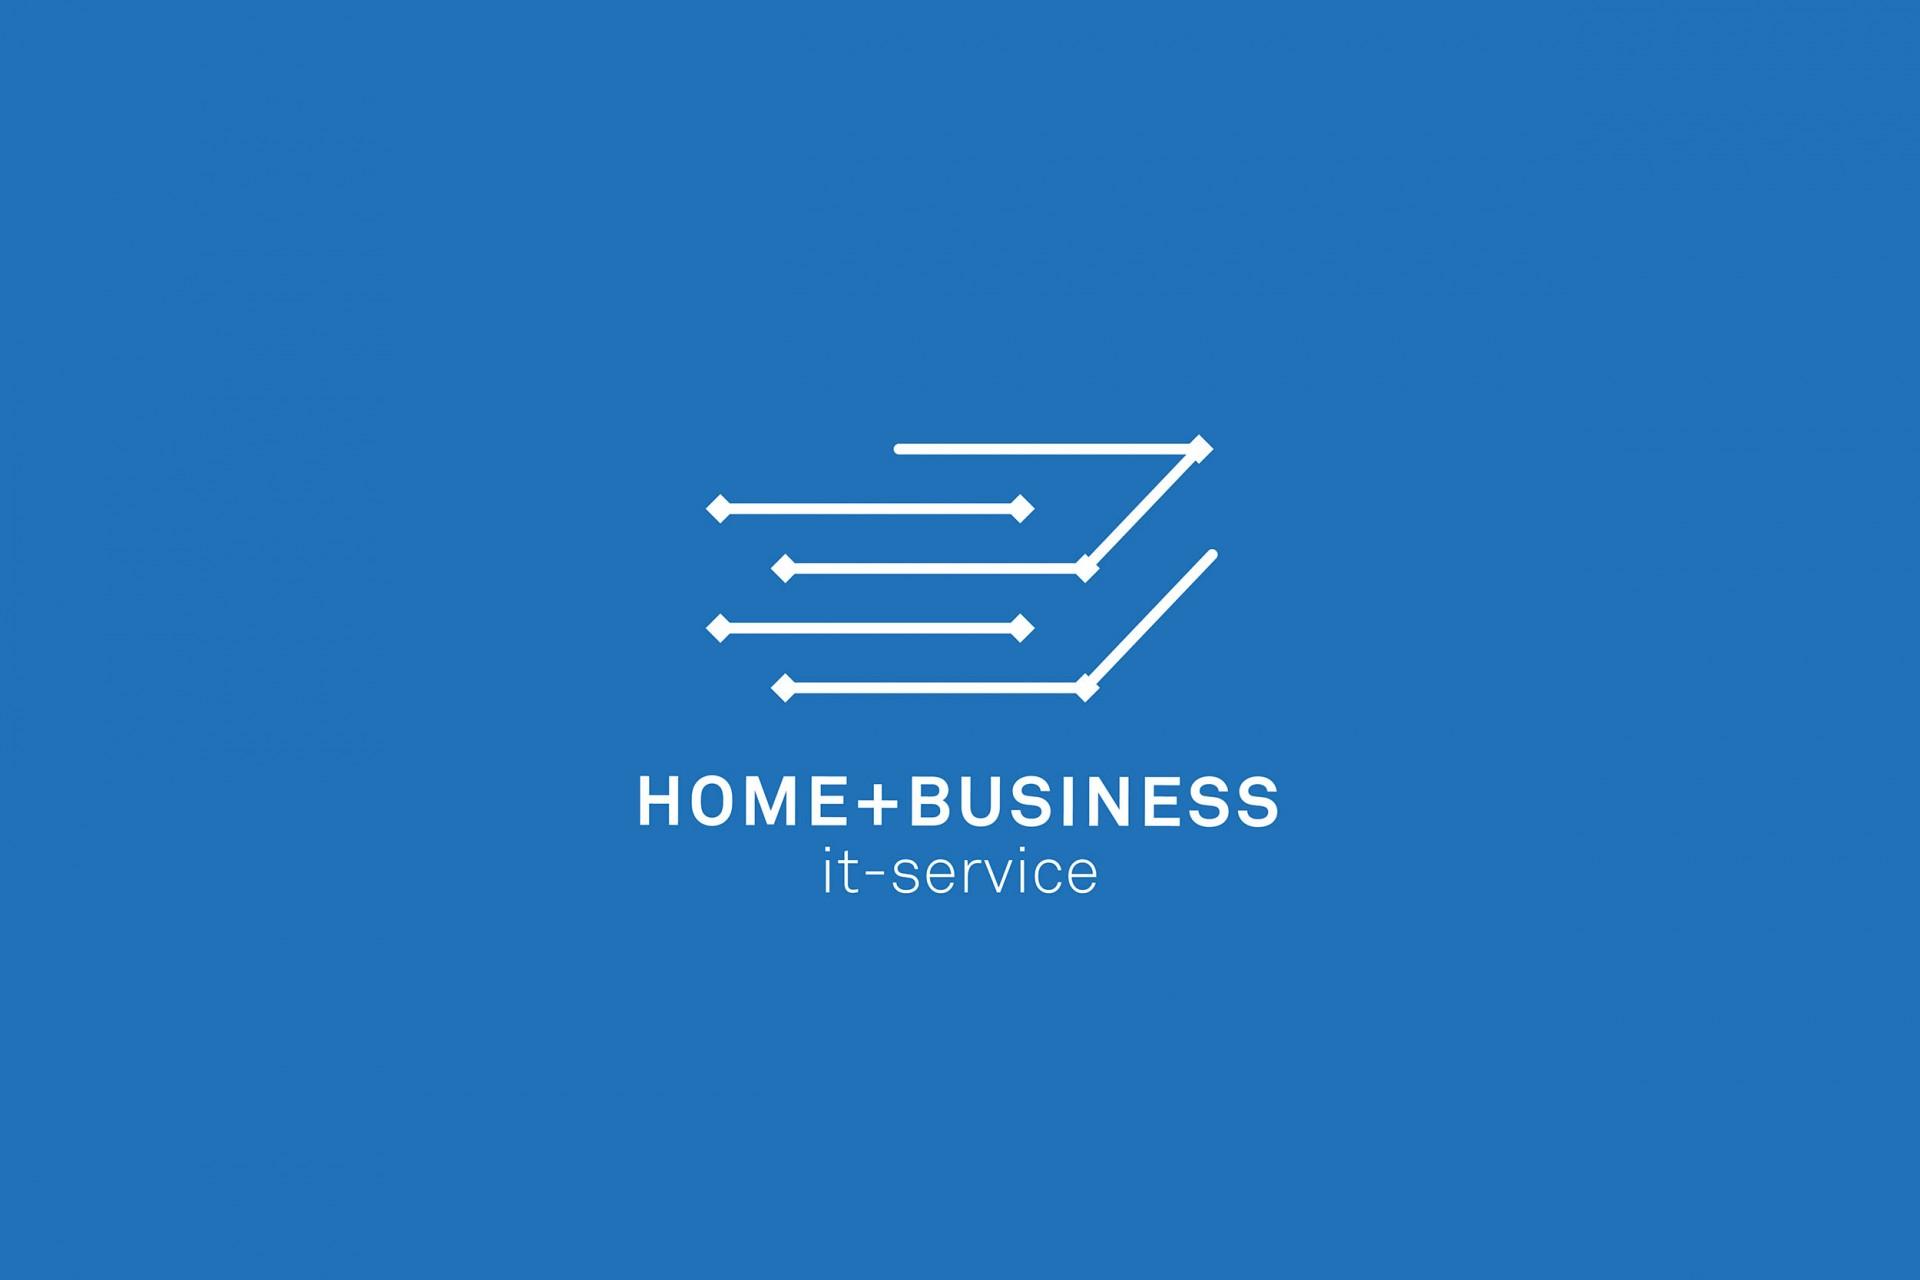 Büro Hyngar Visuelle Identität für H+B IT-Service GmbH